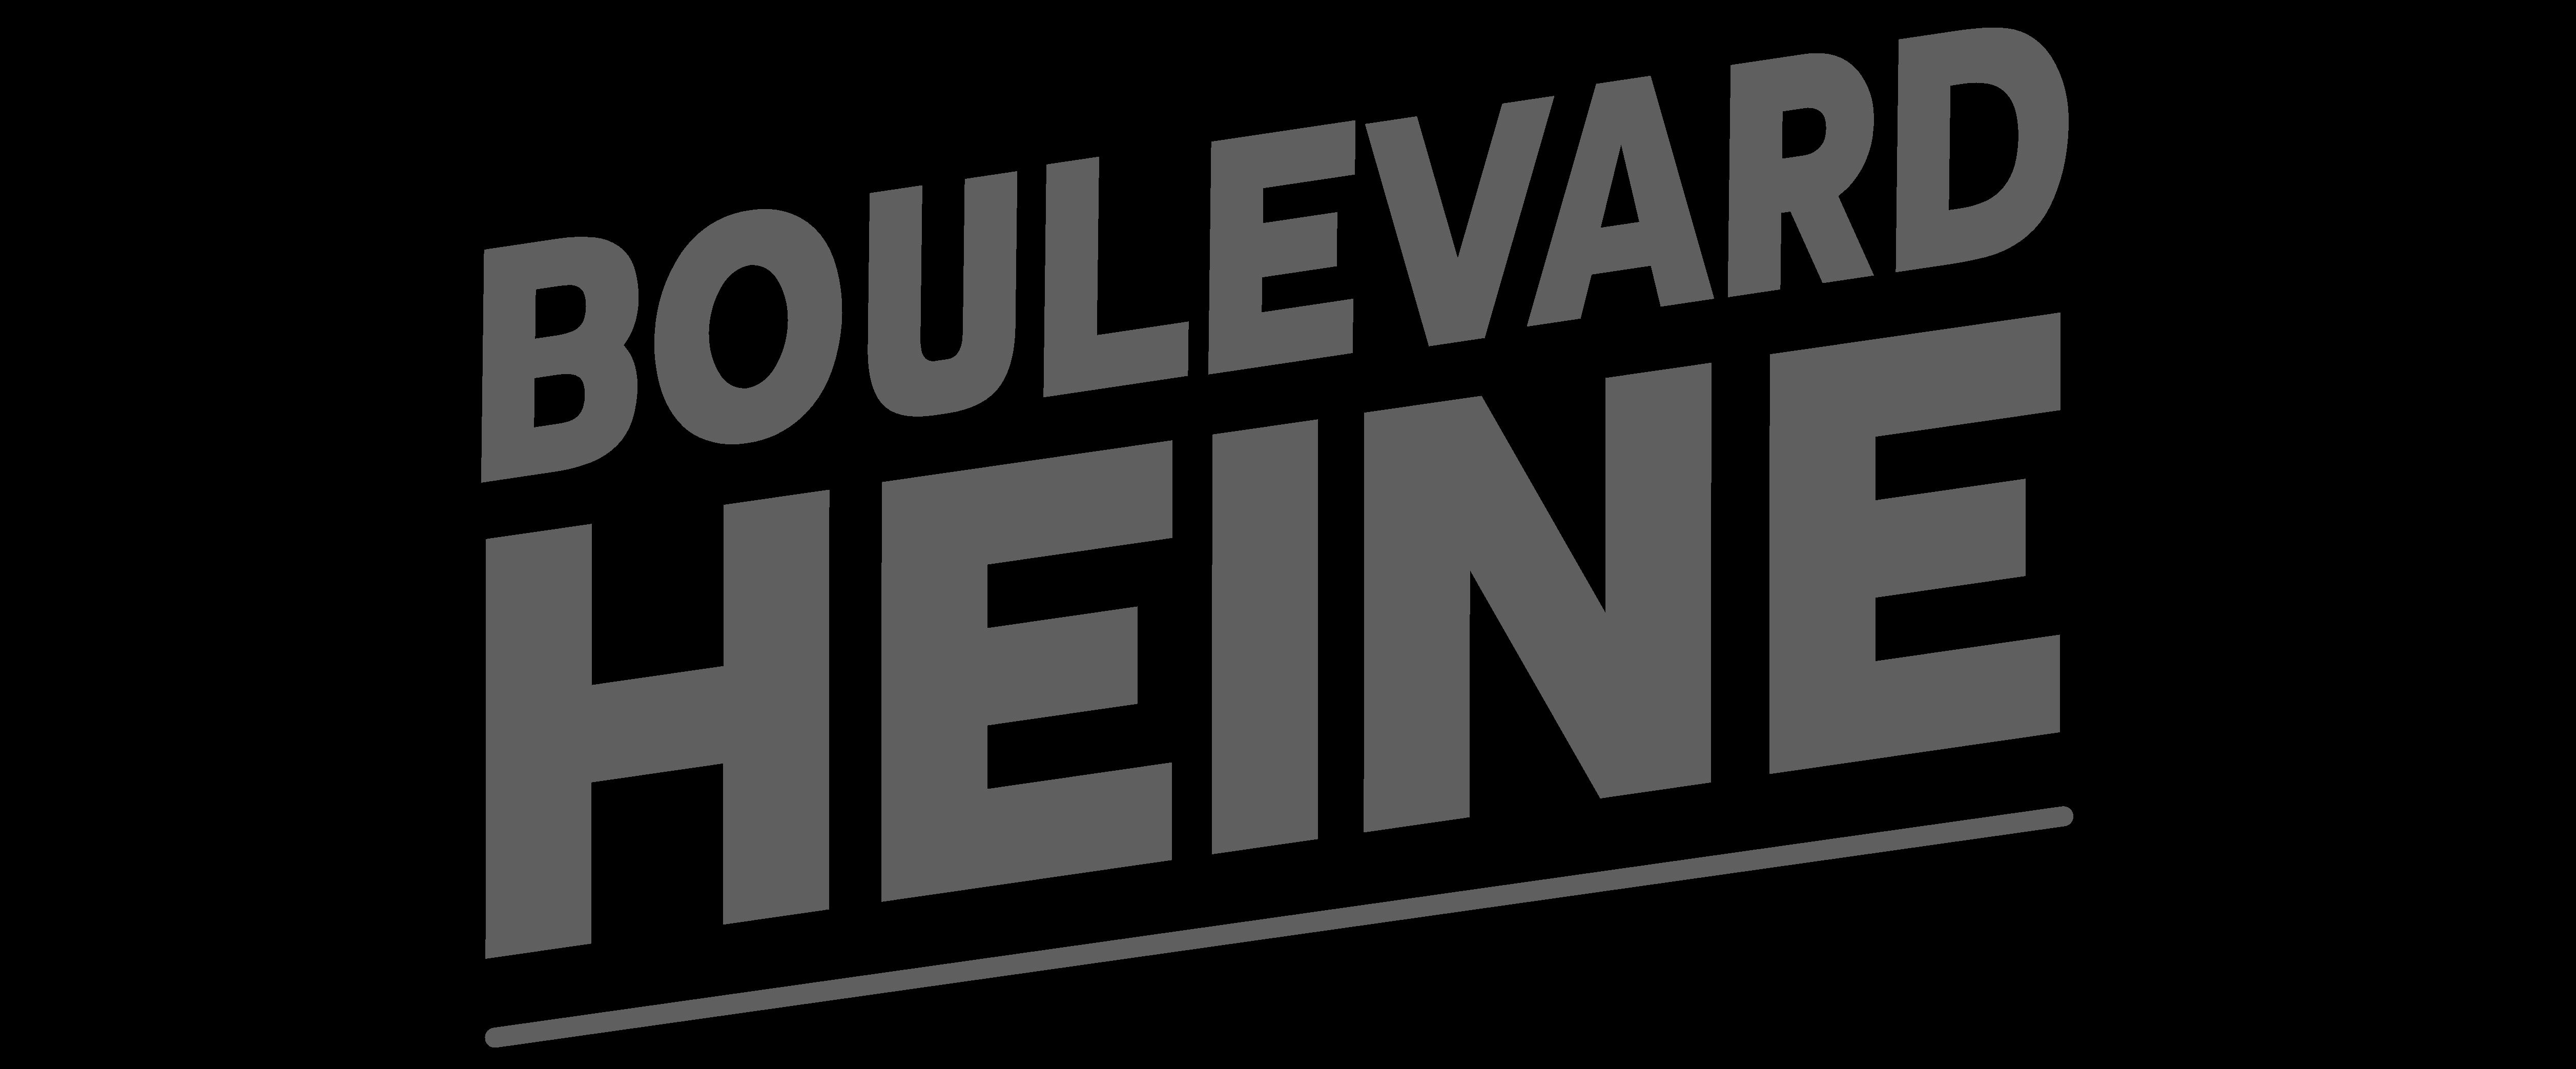 Boulevard Heine